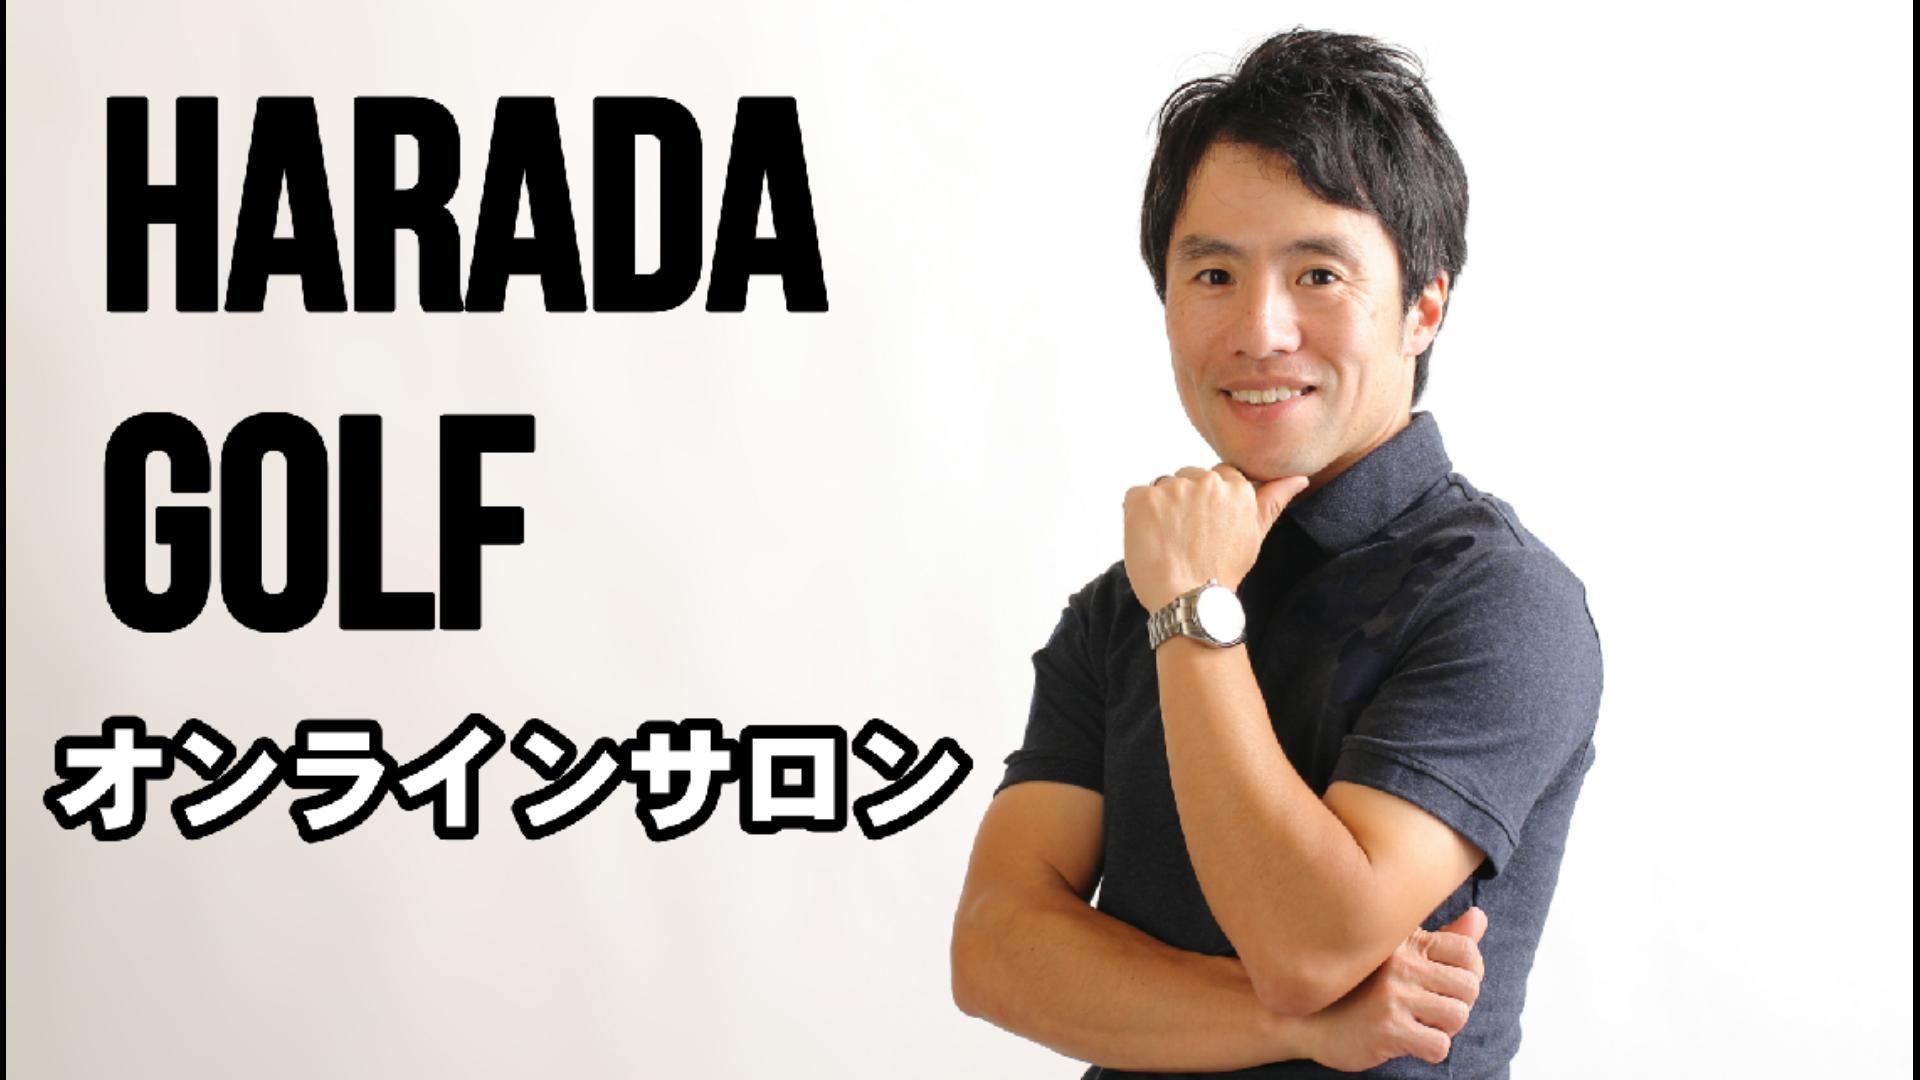 HARADA GOLFオンラインサロン